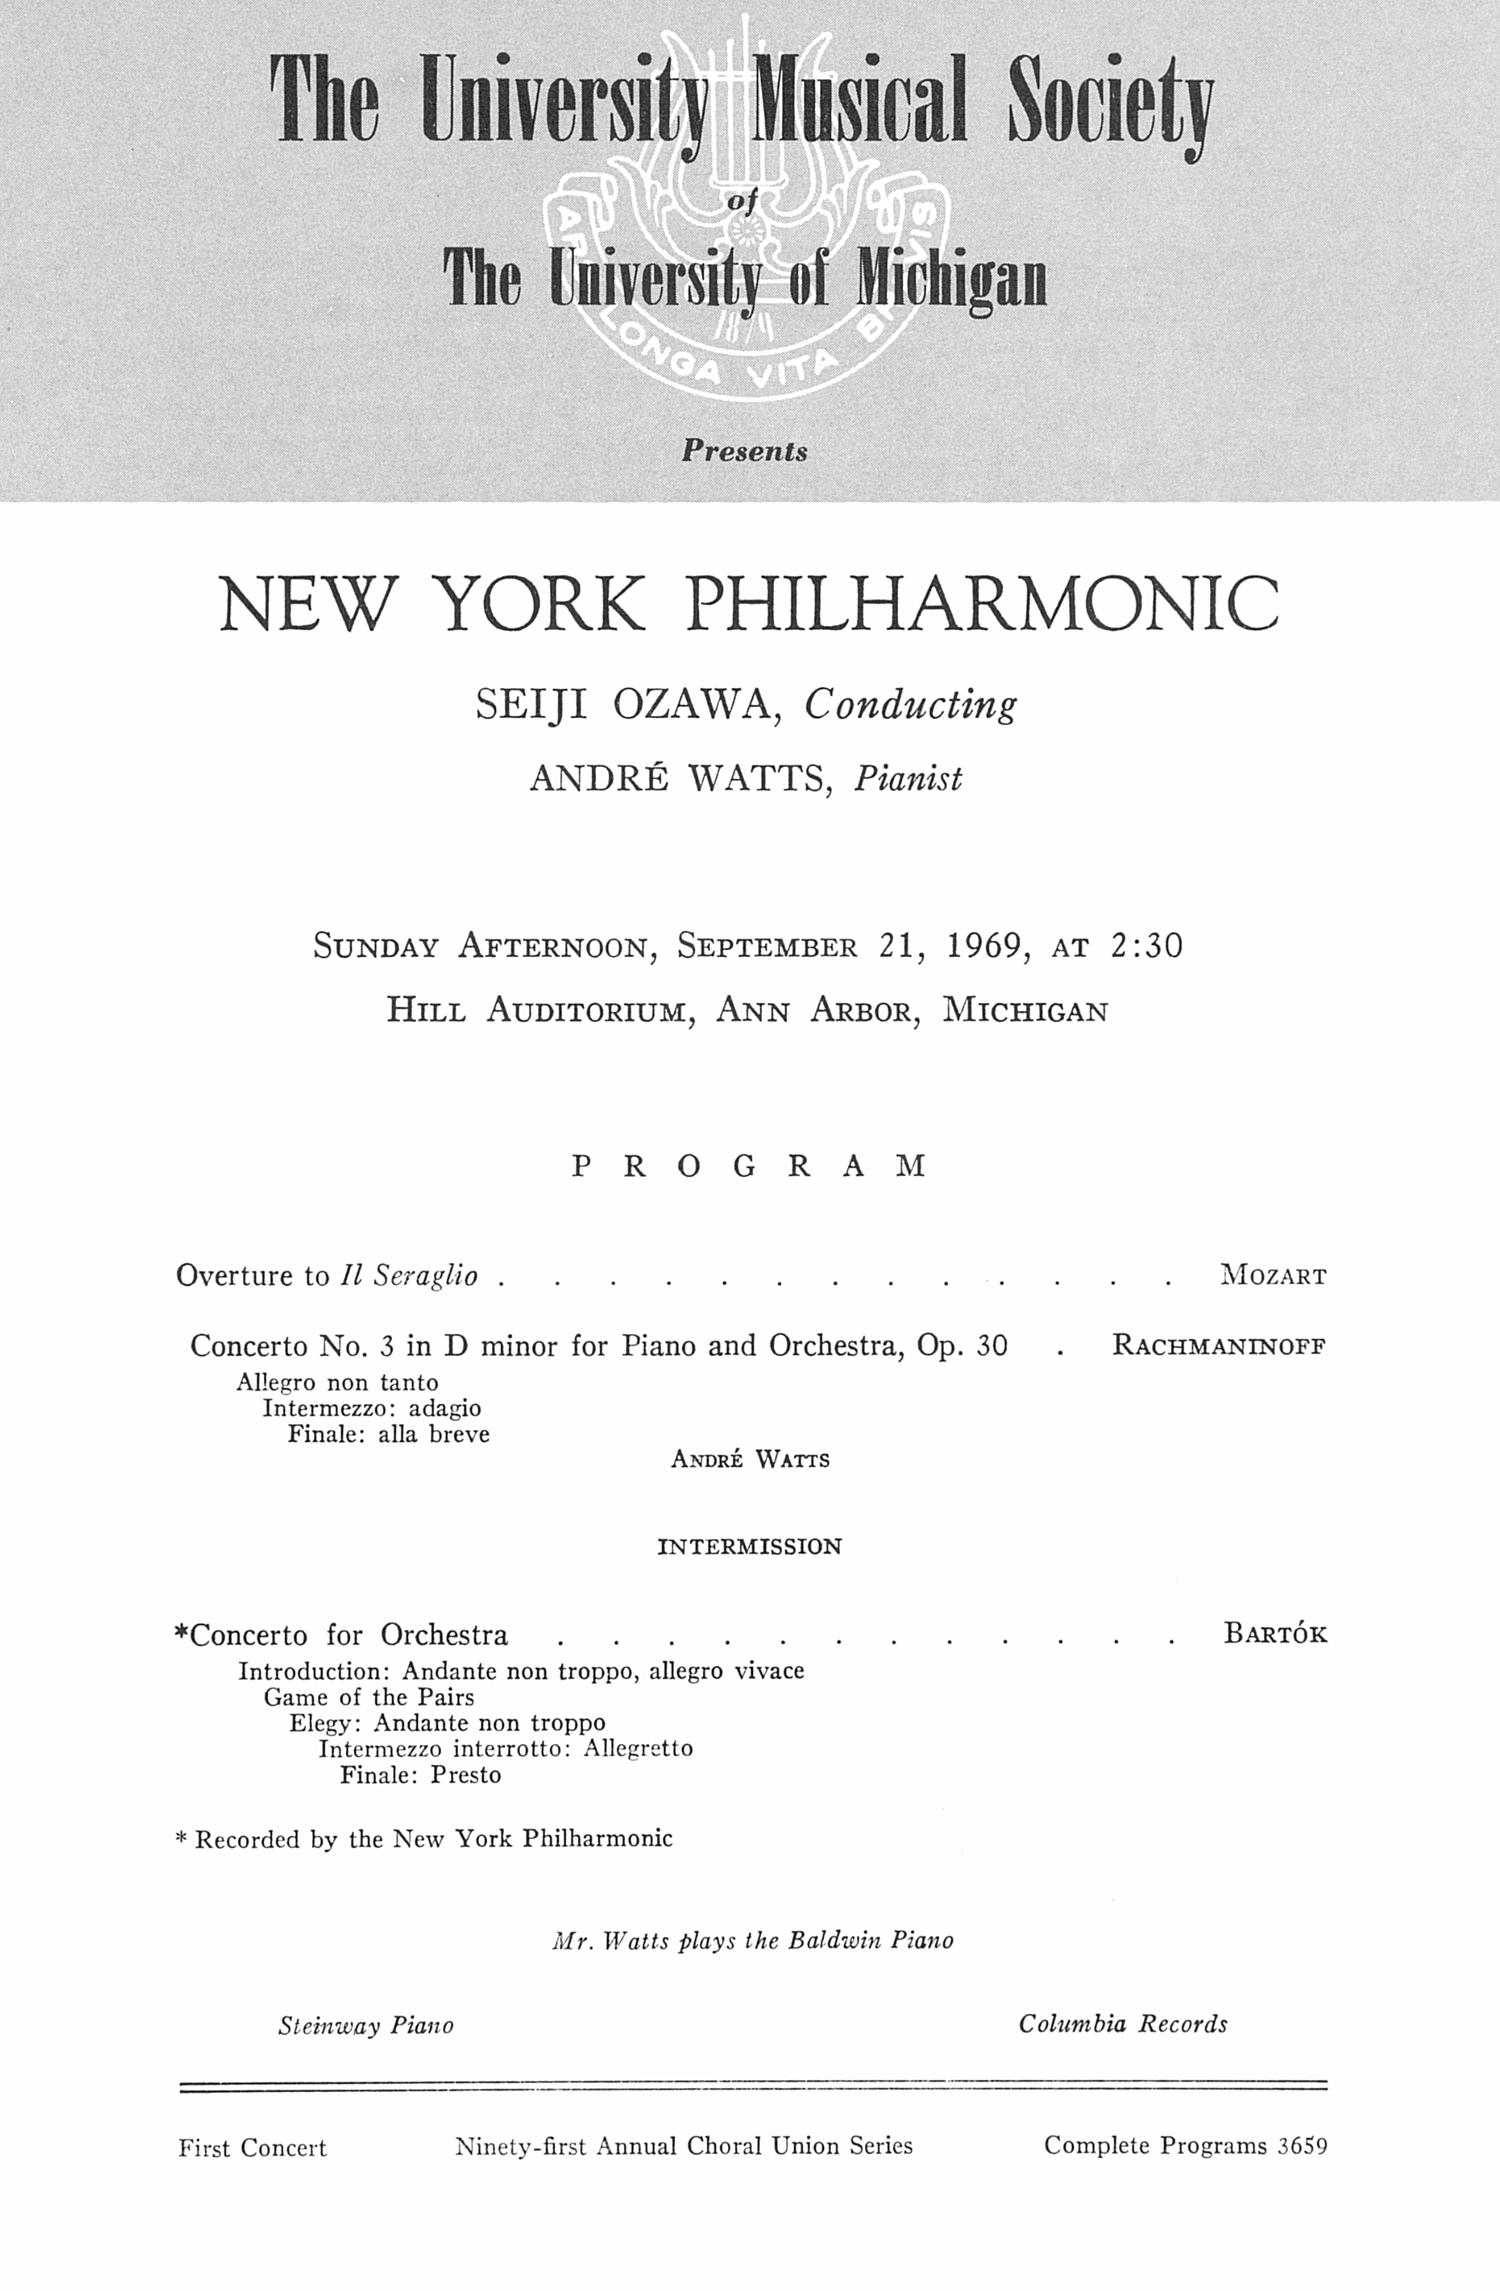 Concert Program | Ums Concert Program September 21 1969 New York Philharmonic